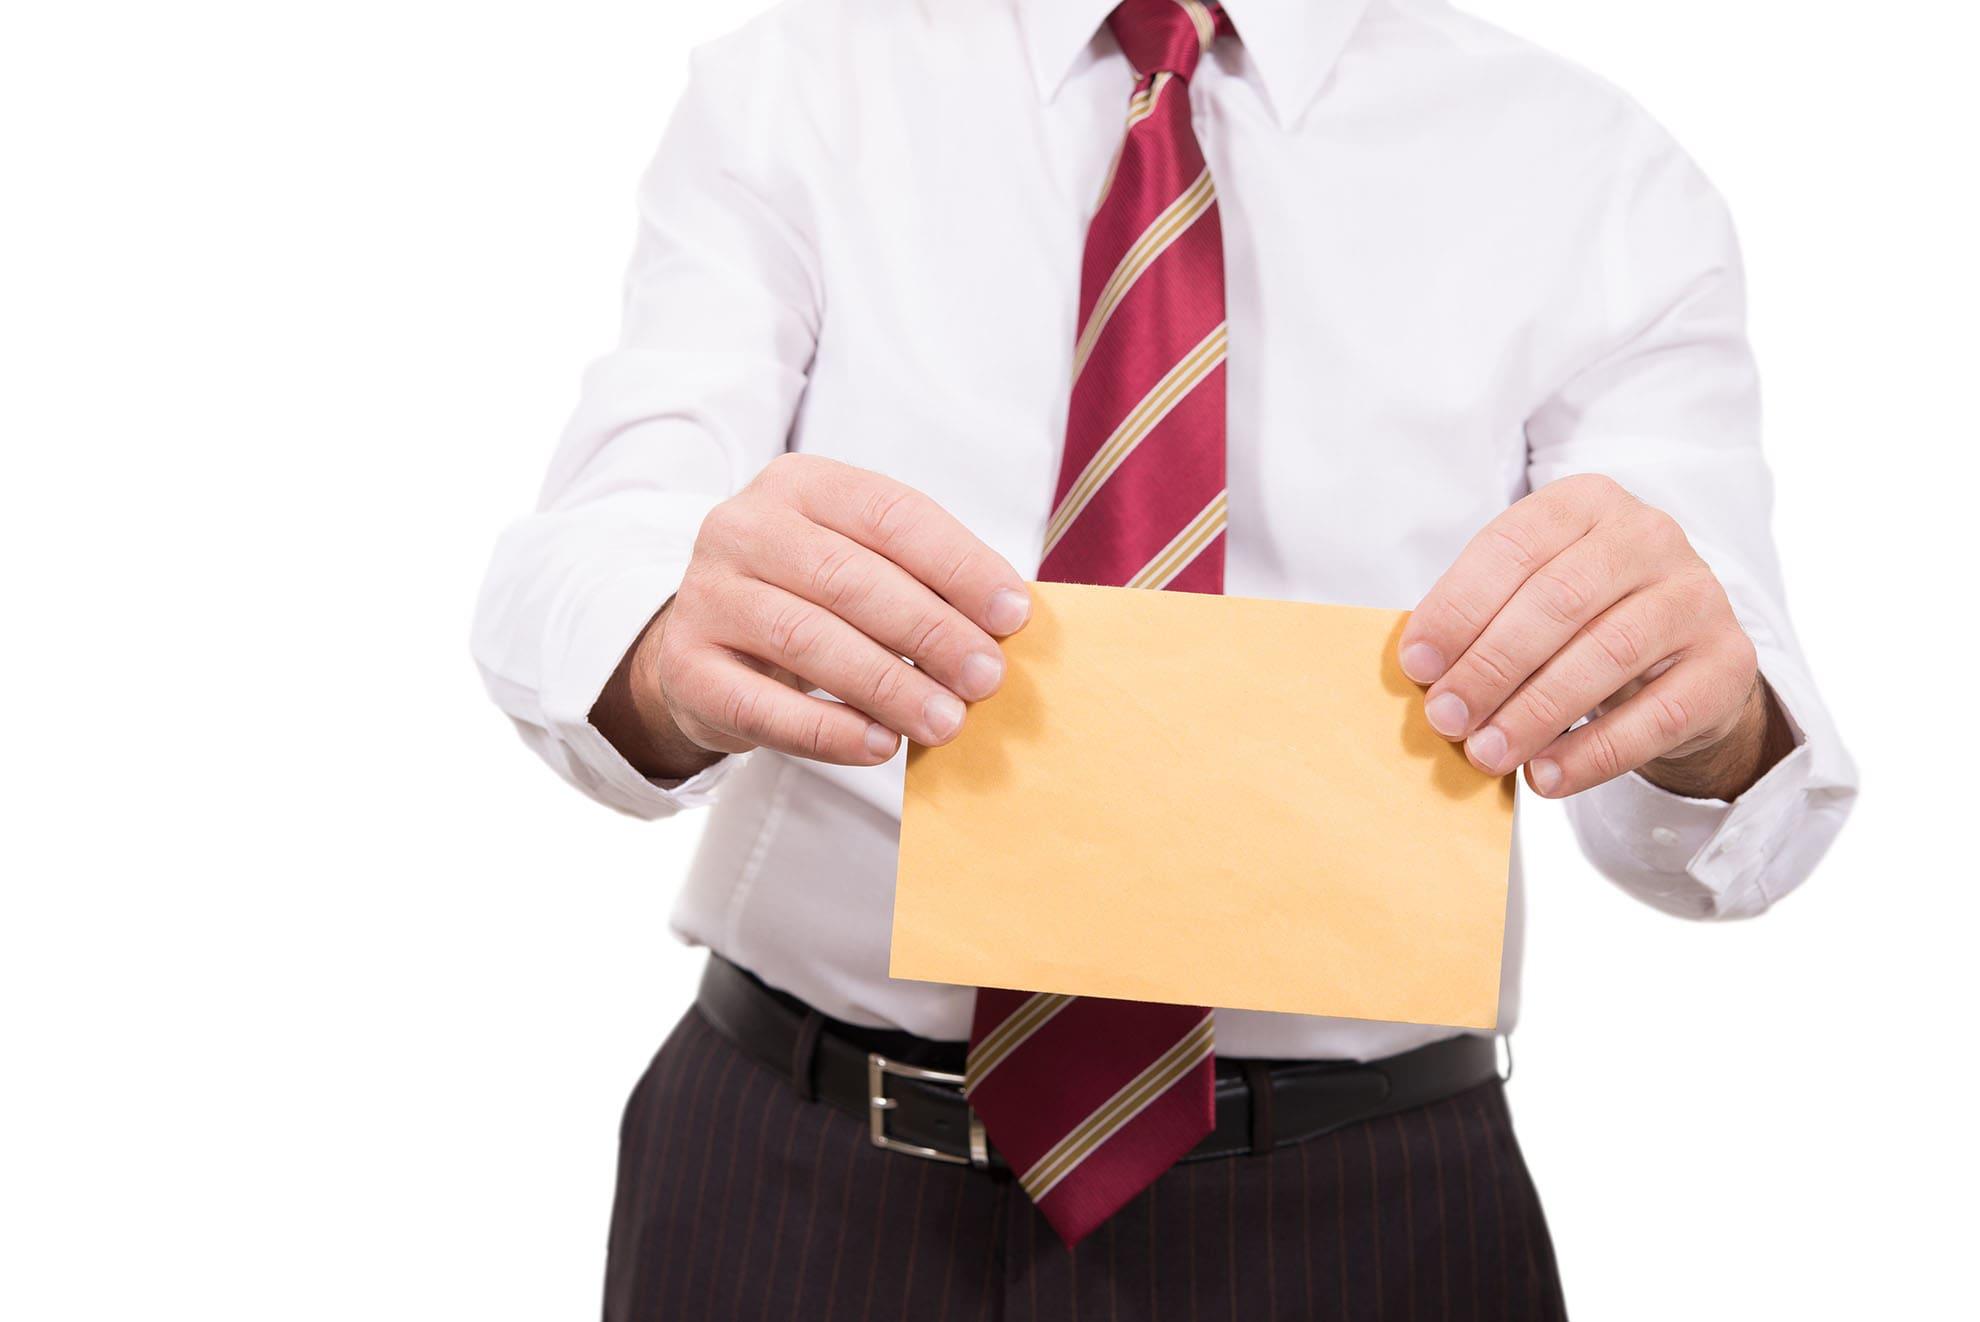 Відмова отримати поштову кореспонденцію – це порушення прав інших осіб: постанова ВС